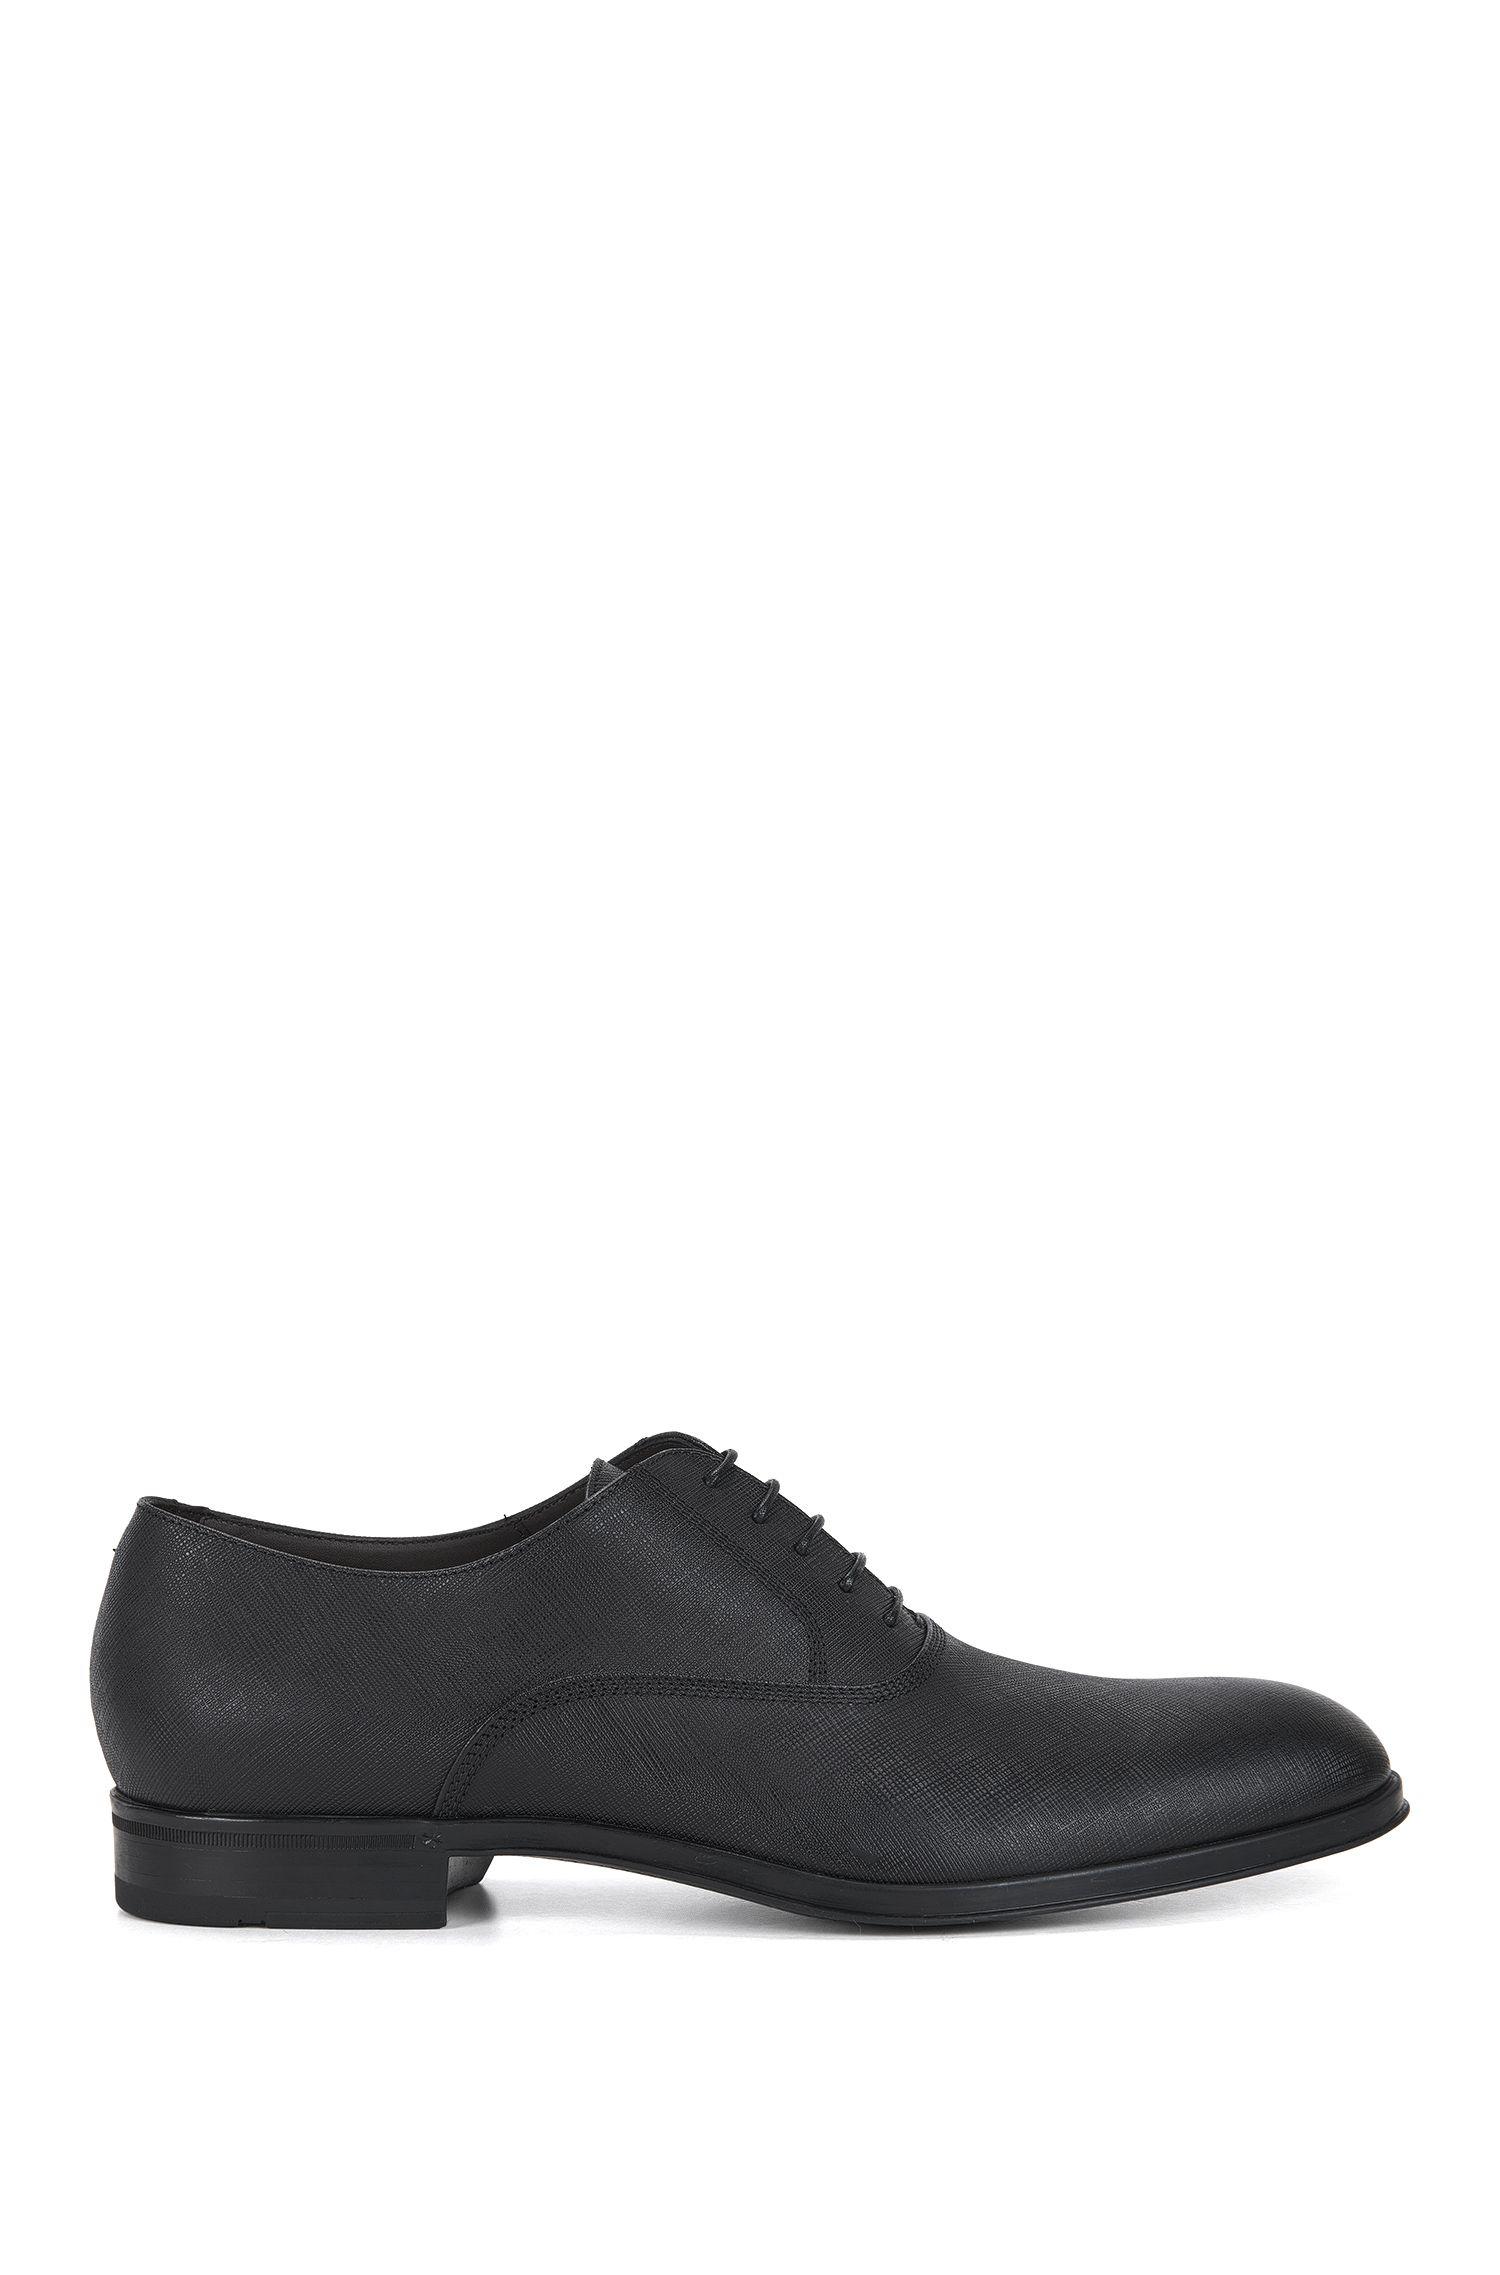 Chaussures derby lacées en cuir embossé